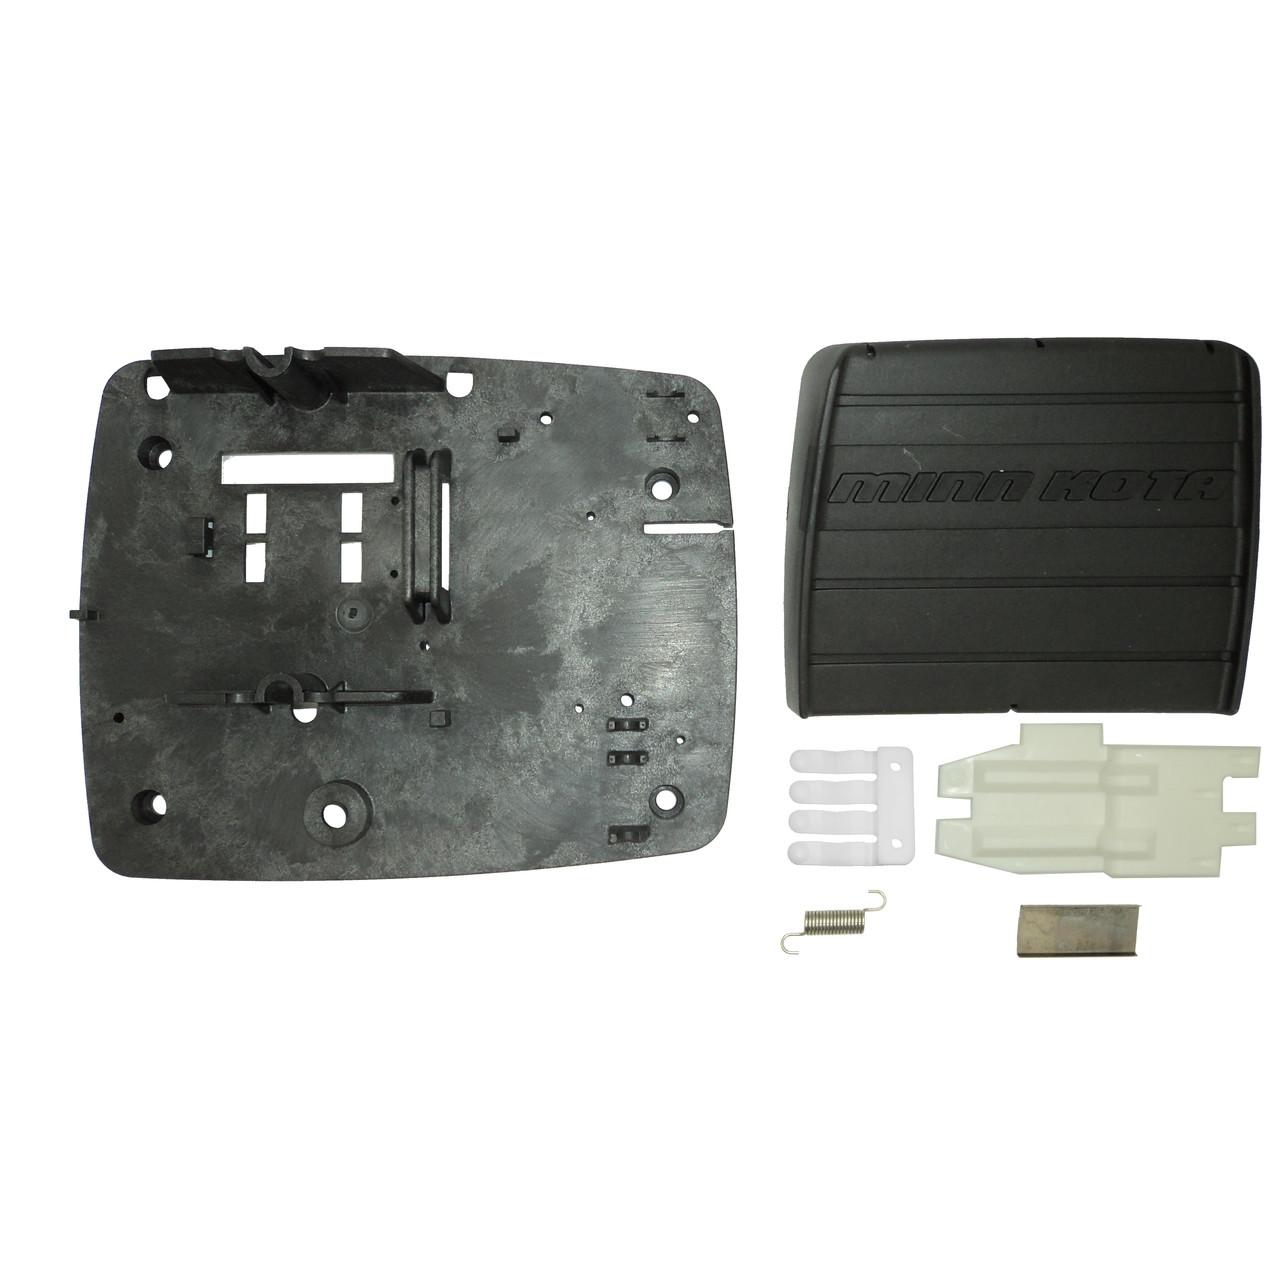 Minn Kota Trolling Motor Part Foot Pedal Actuator Kit 2884510 E Drive Wiring Diagram Power Repair